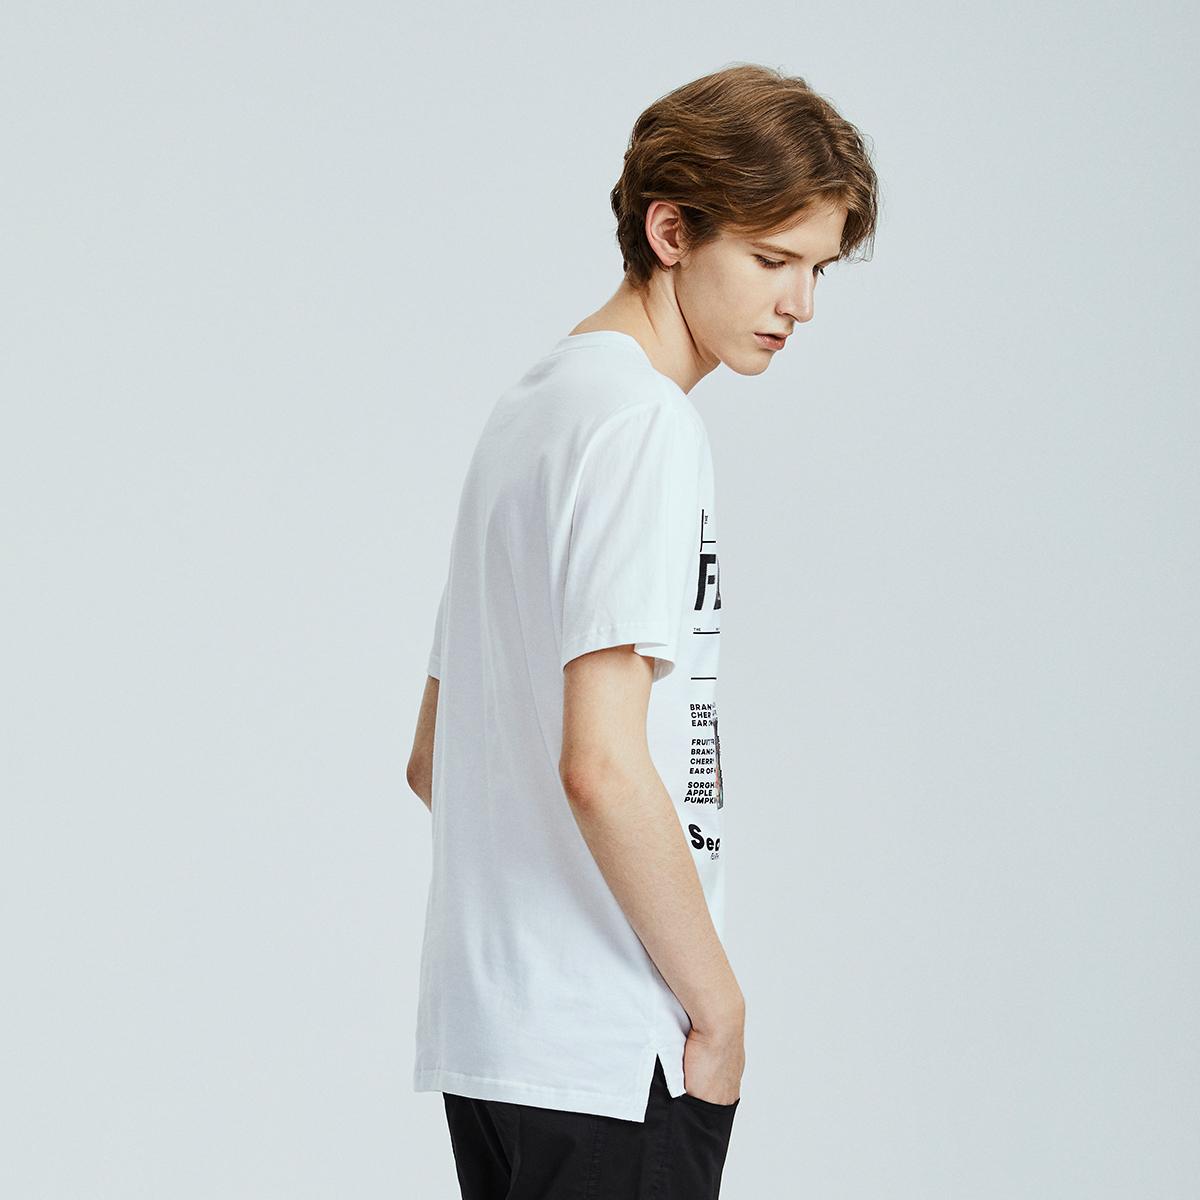 商场同款马克华菲短袖T恤男装2019夏新款韩版字母印花全棉上装